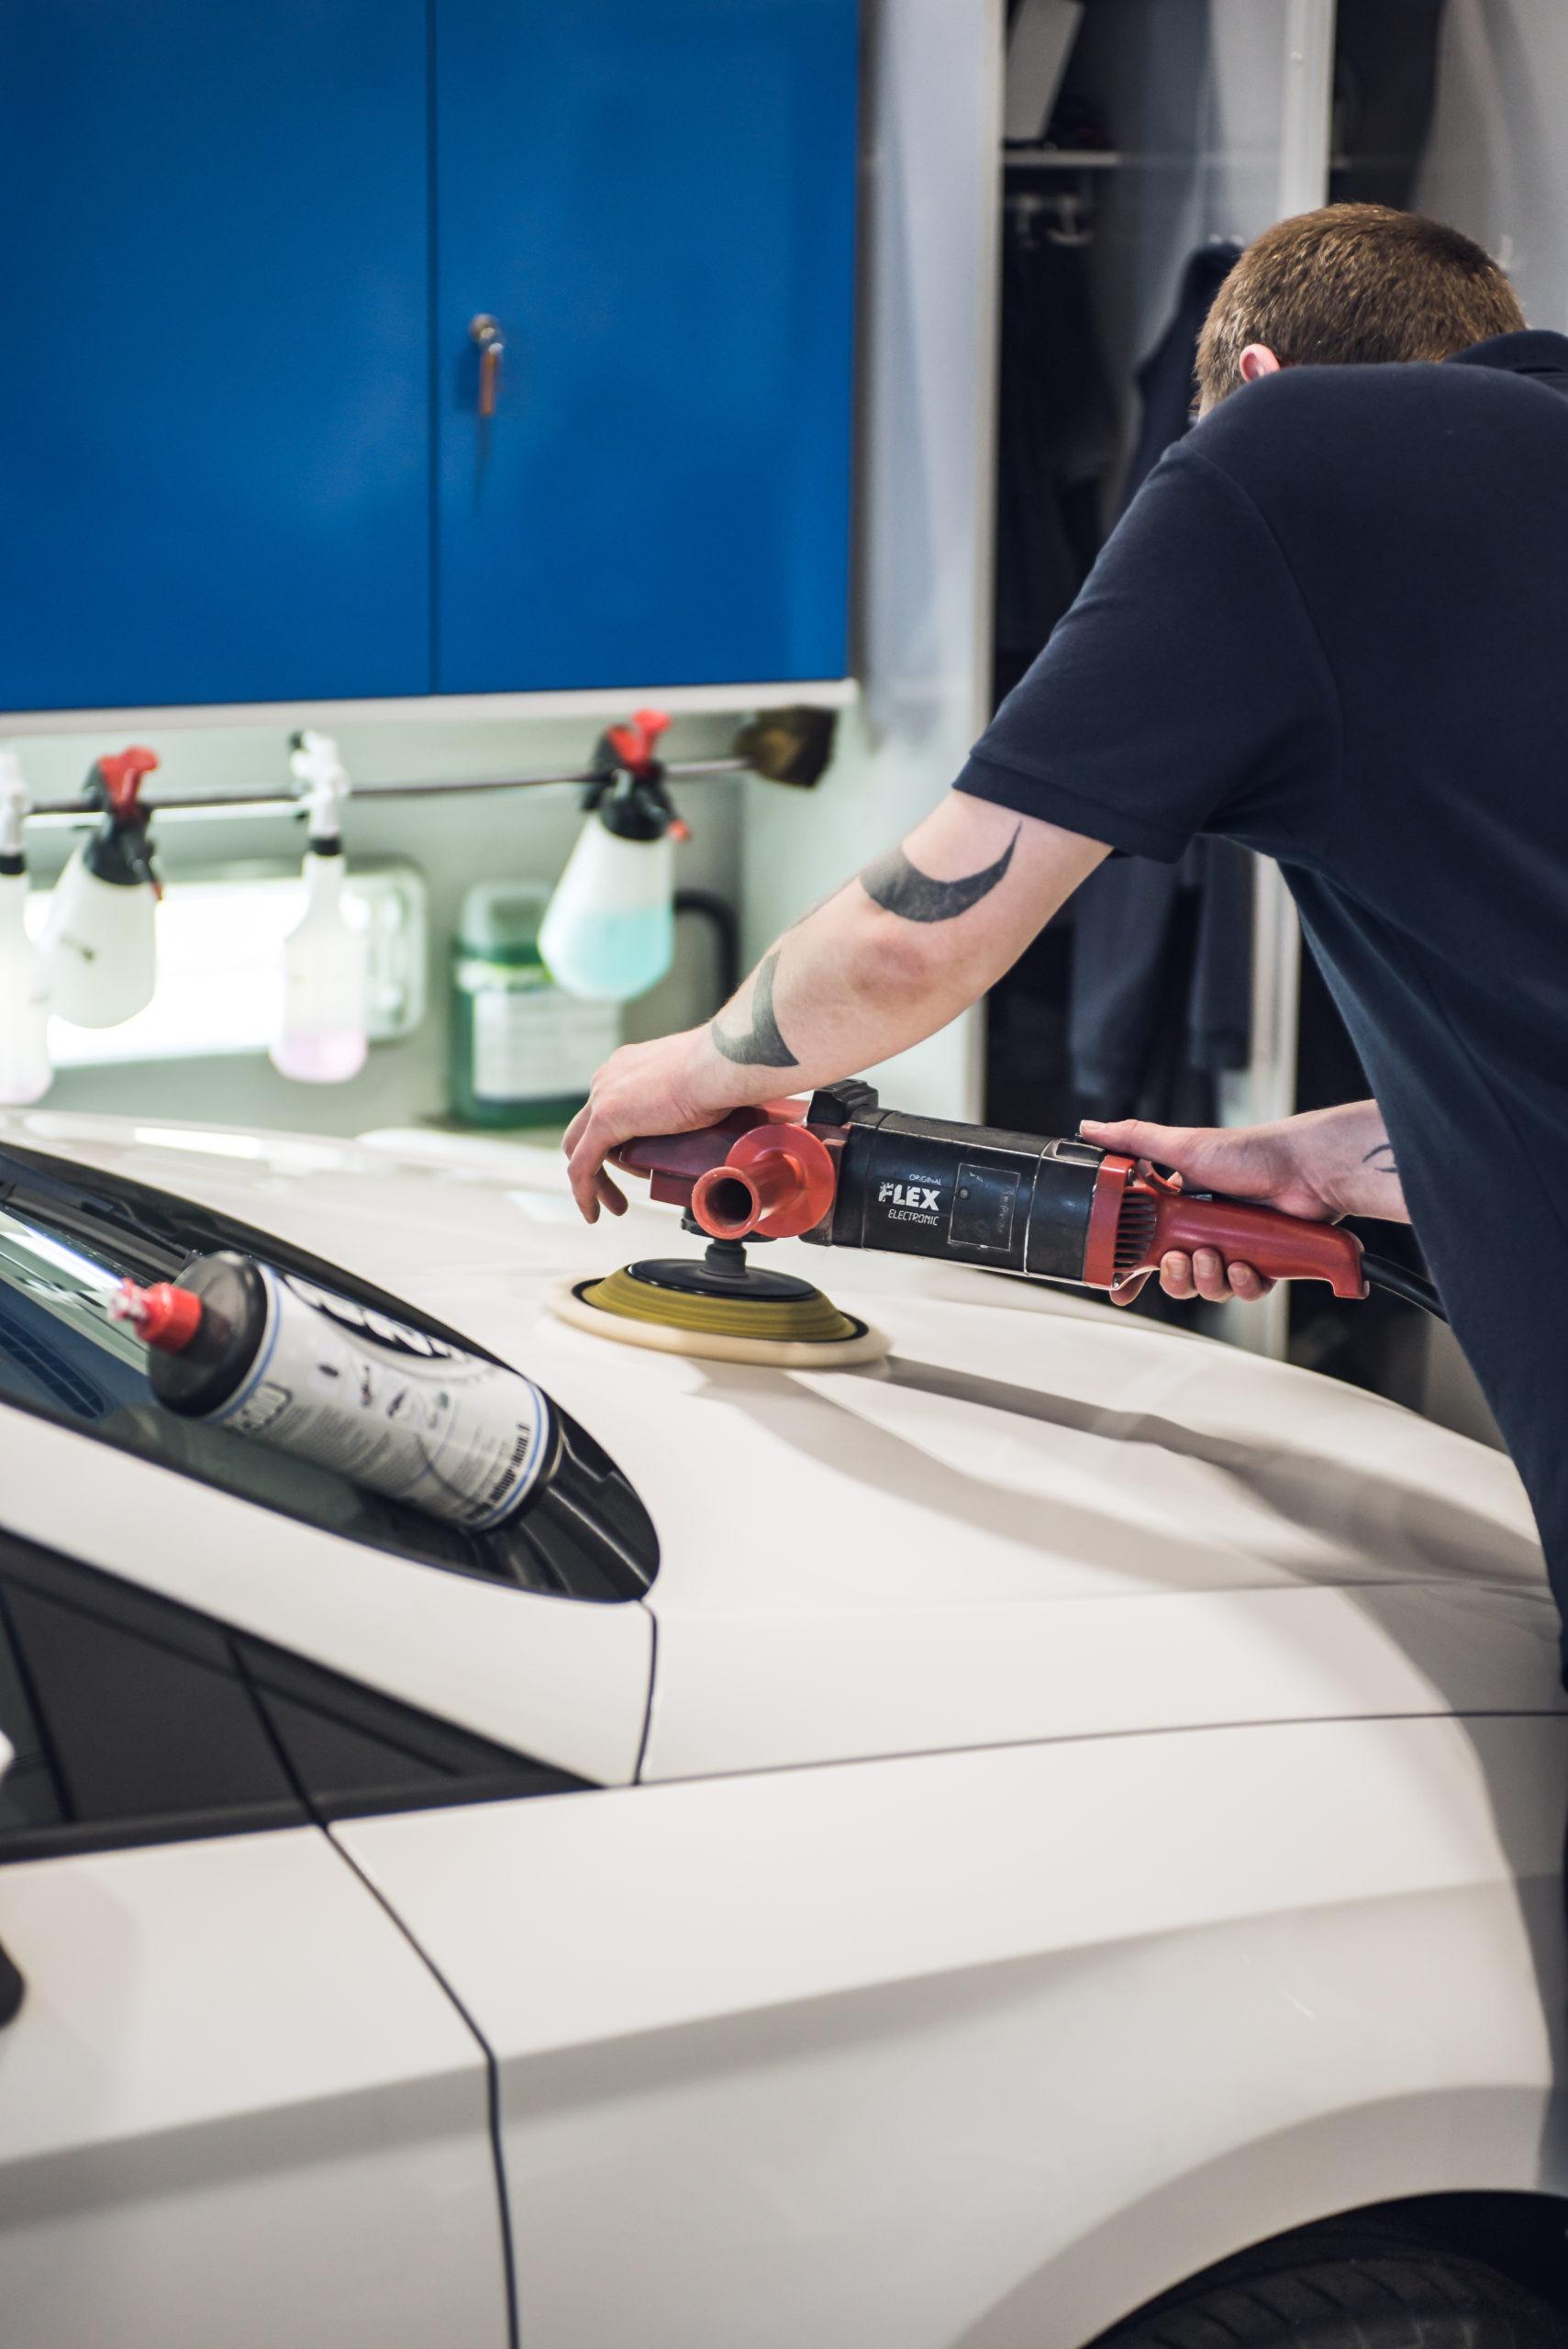 Automeikkari, Mikko Virtanen, kiillottamassa vaihtoauton konepeltiä